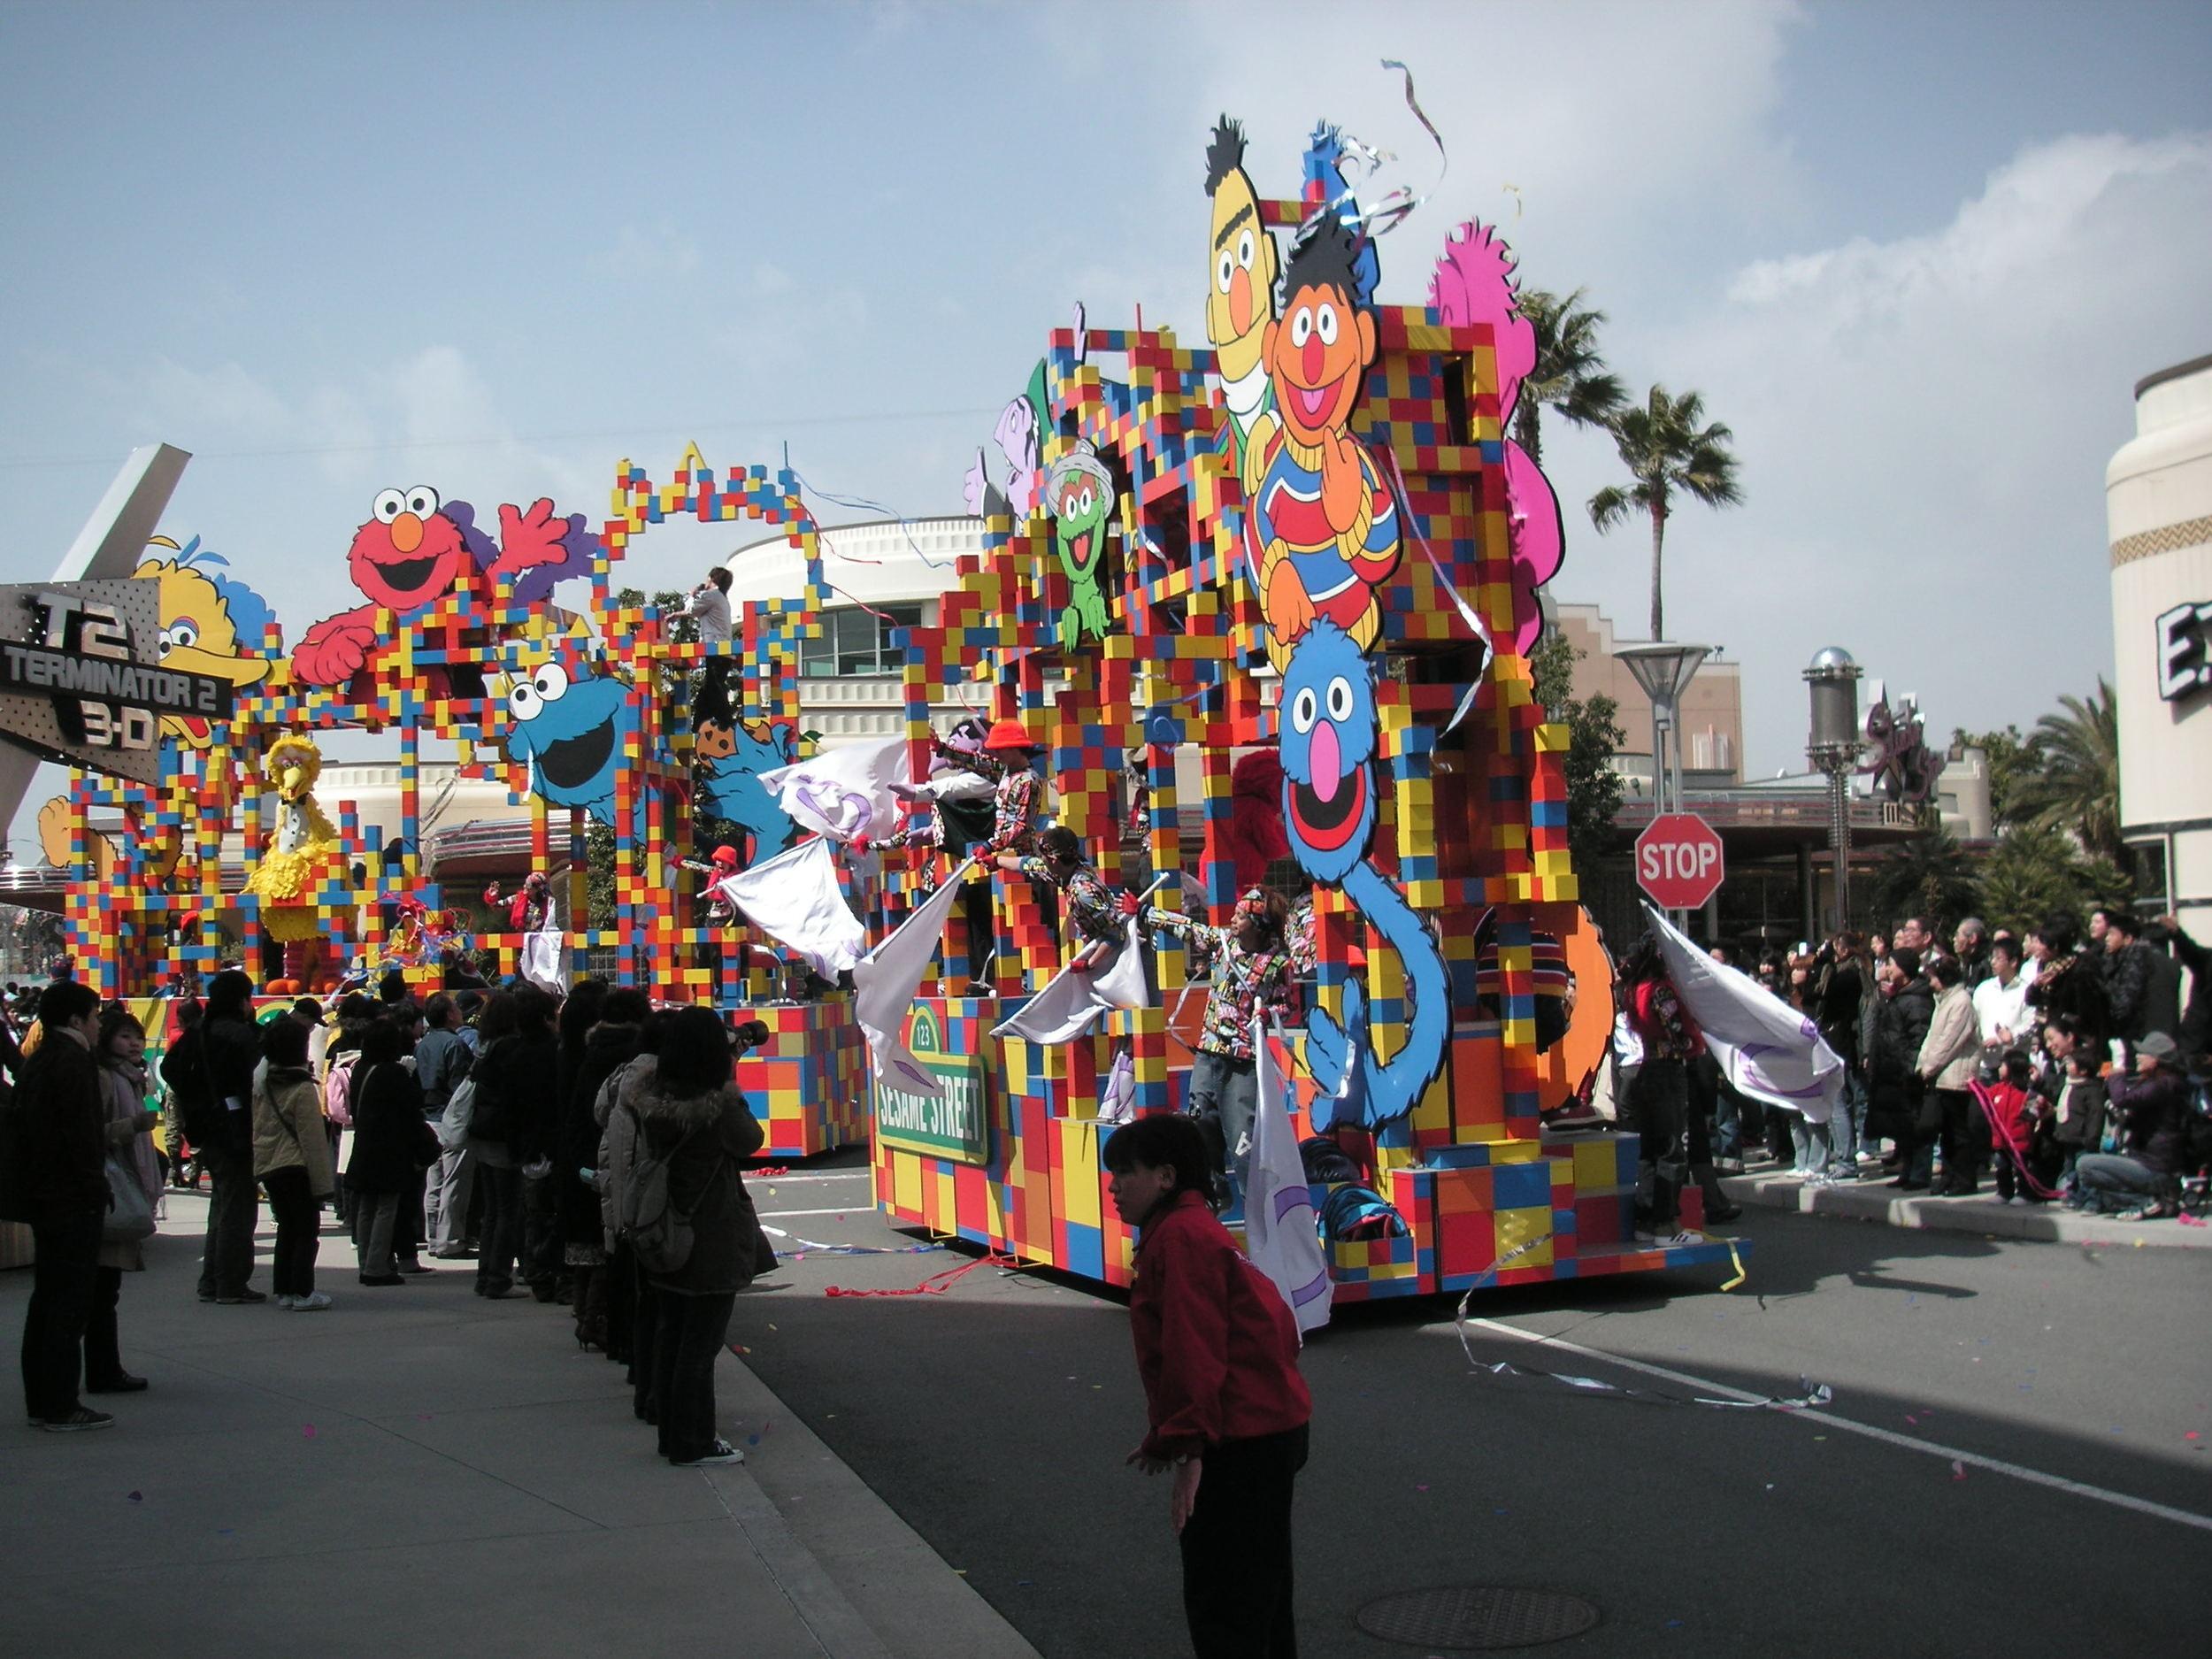 Sesame Street Floats Turning the Corner